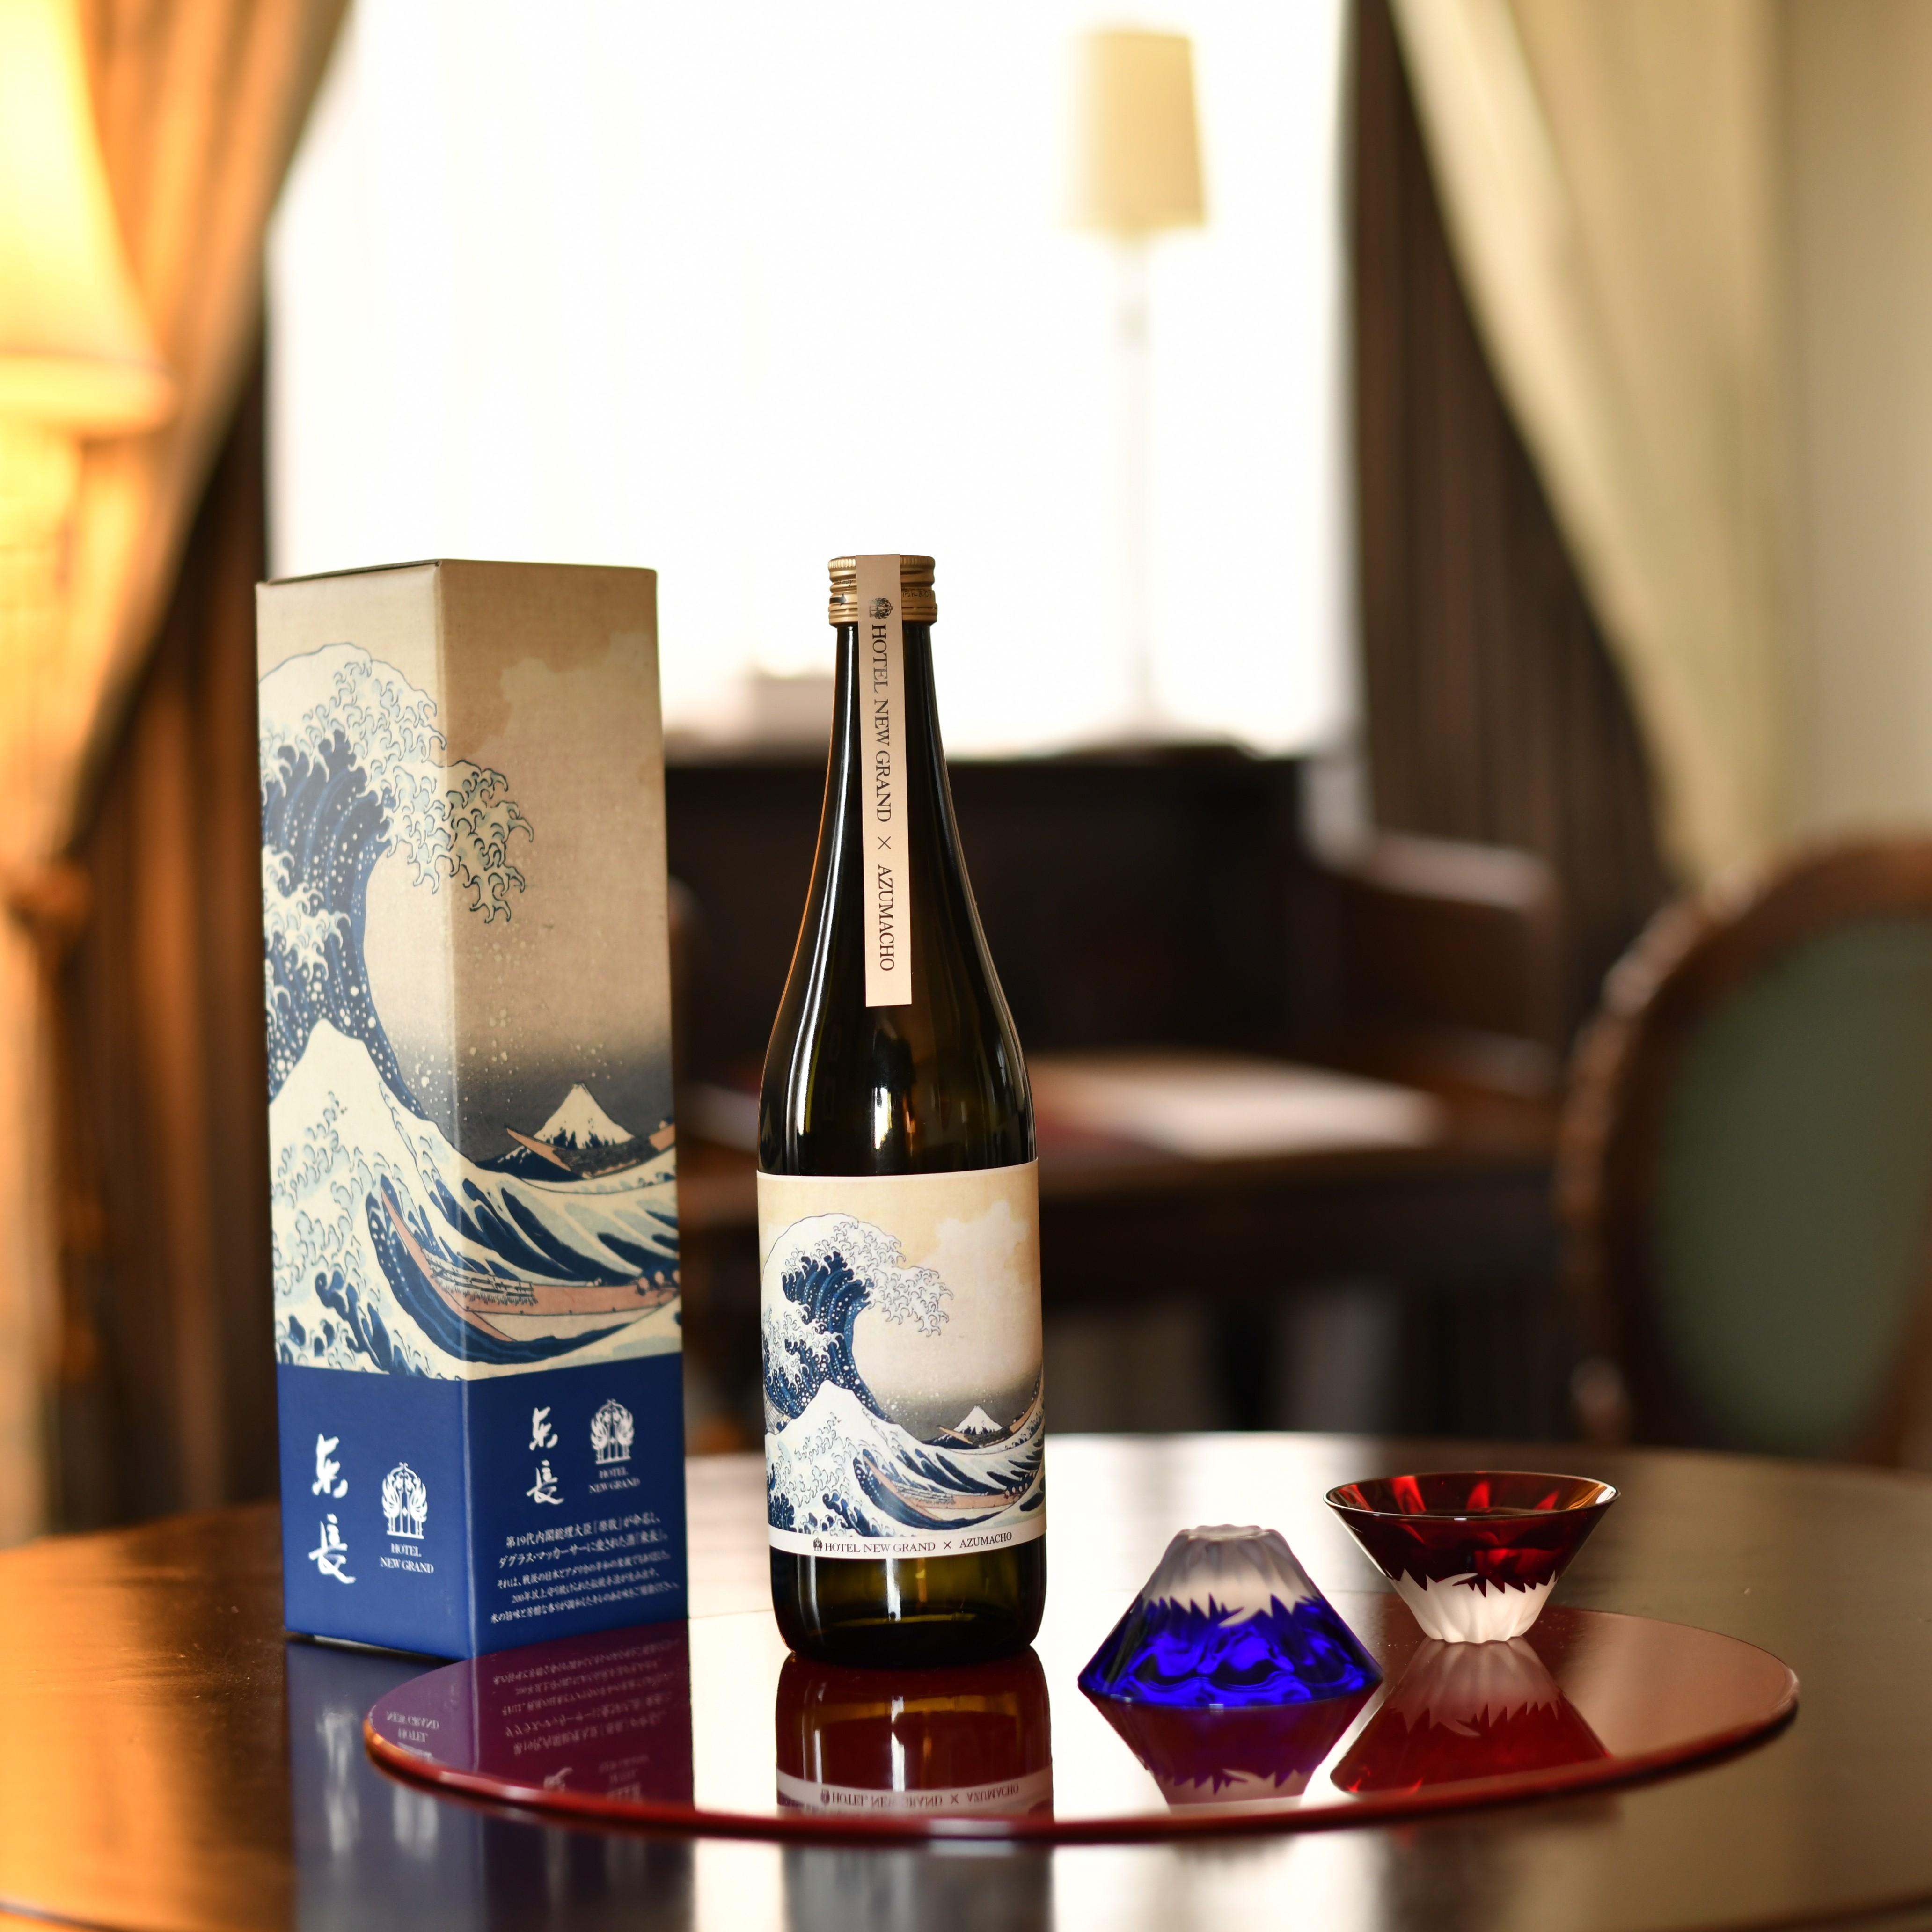 【オリジナルパッケージ誕生◆贈り物にもオススメ】日本酒 純米東長(あずまちょう)